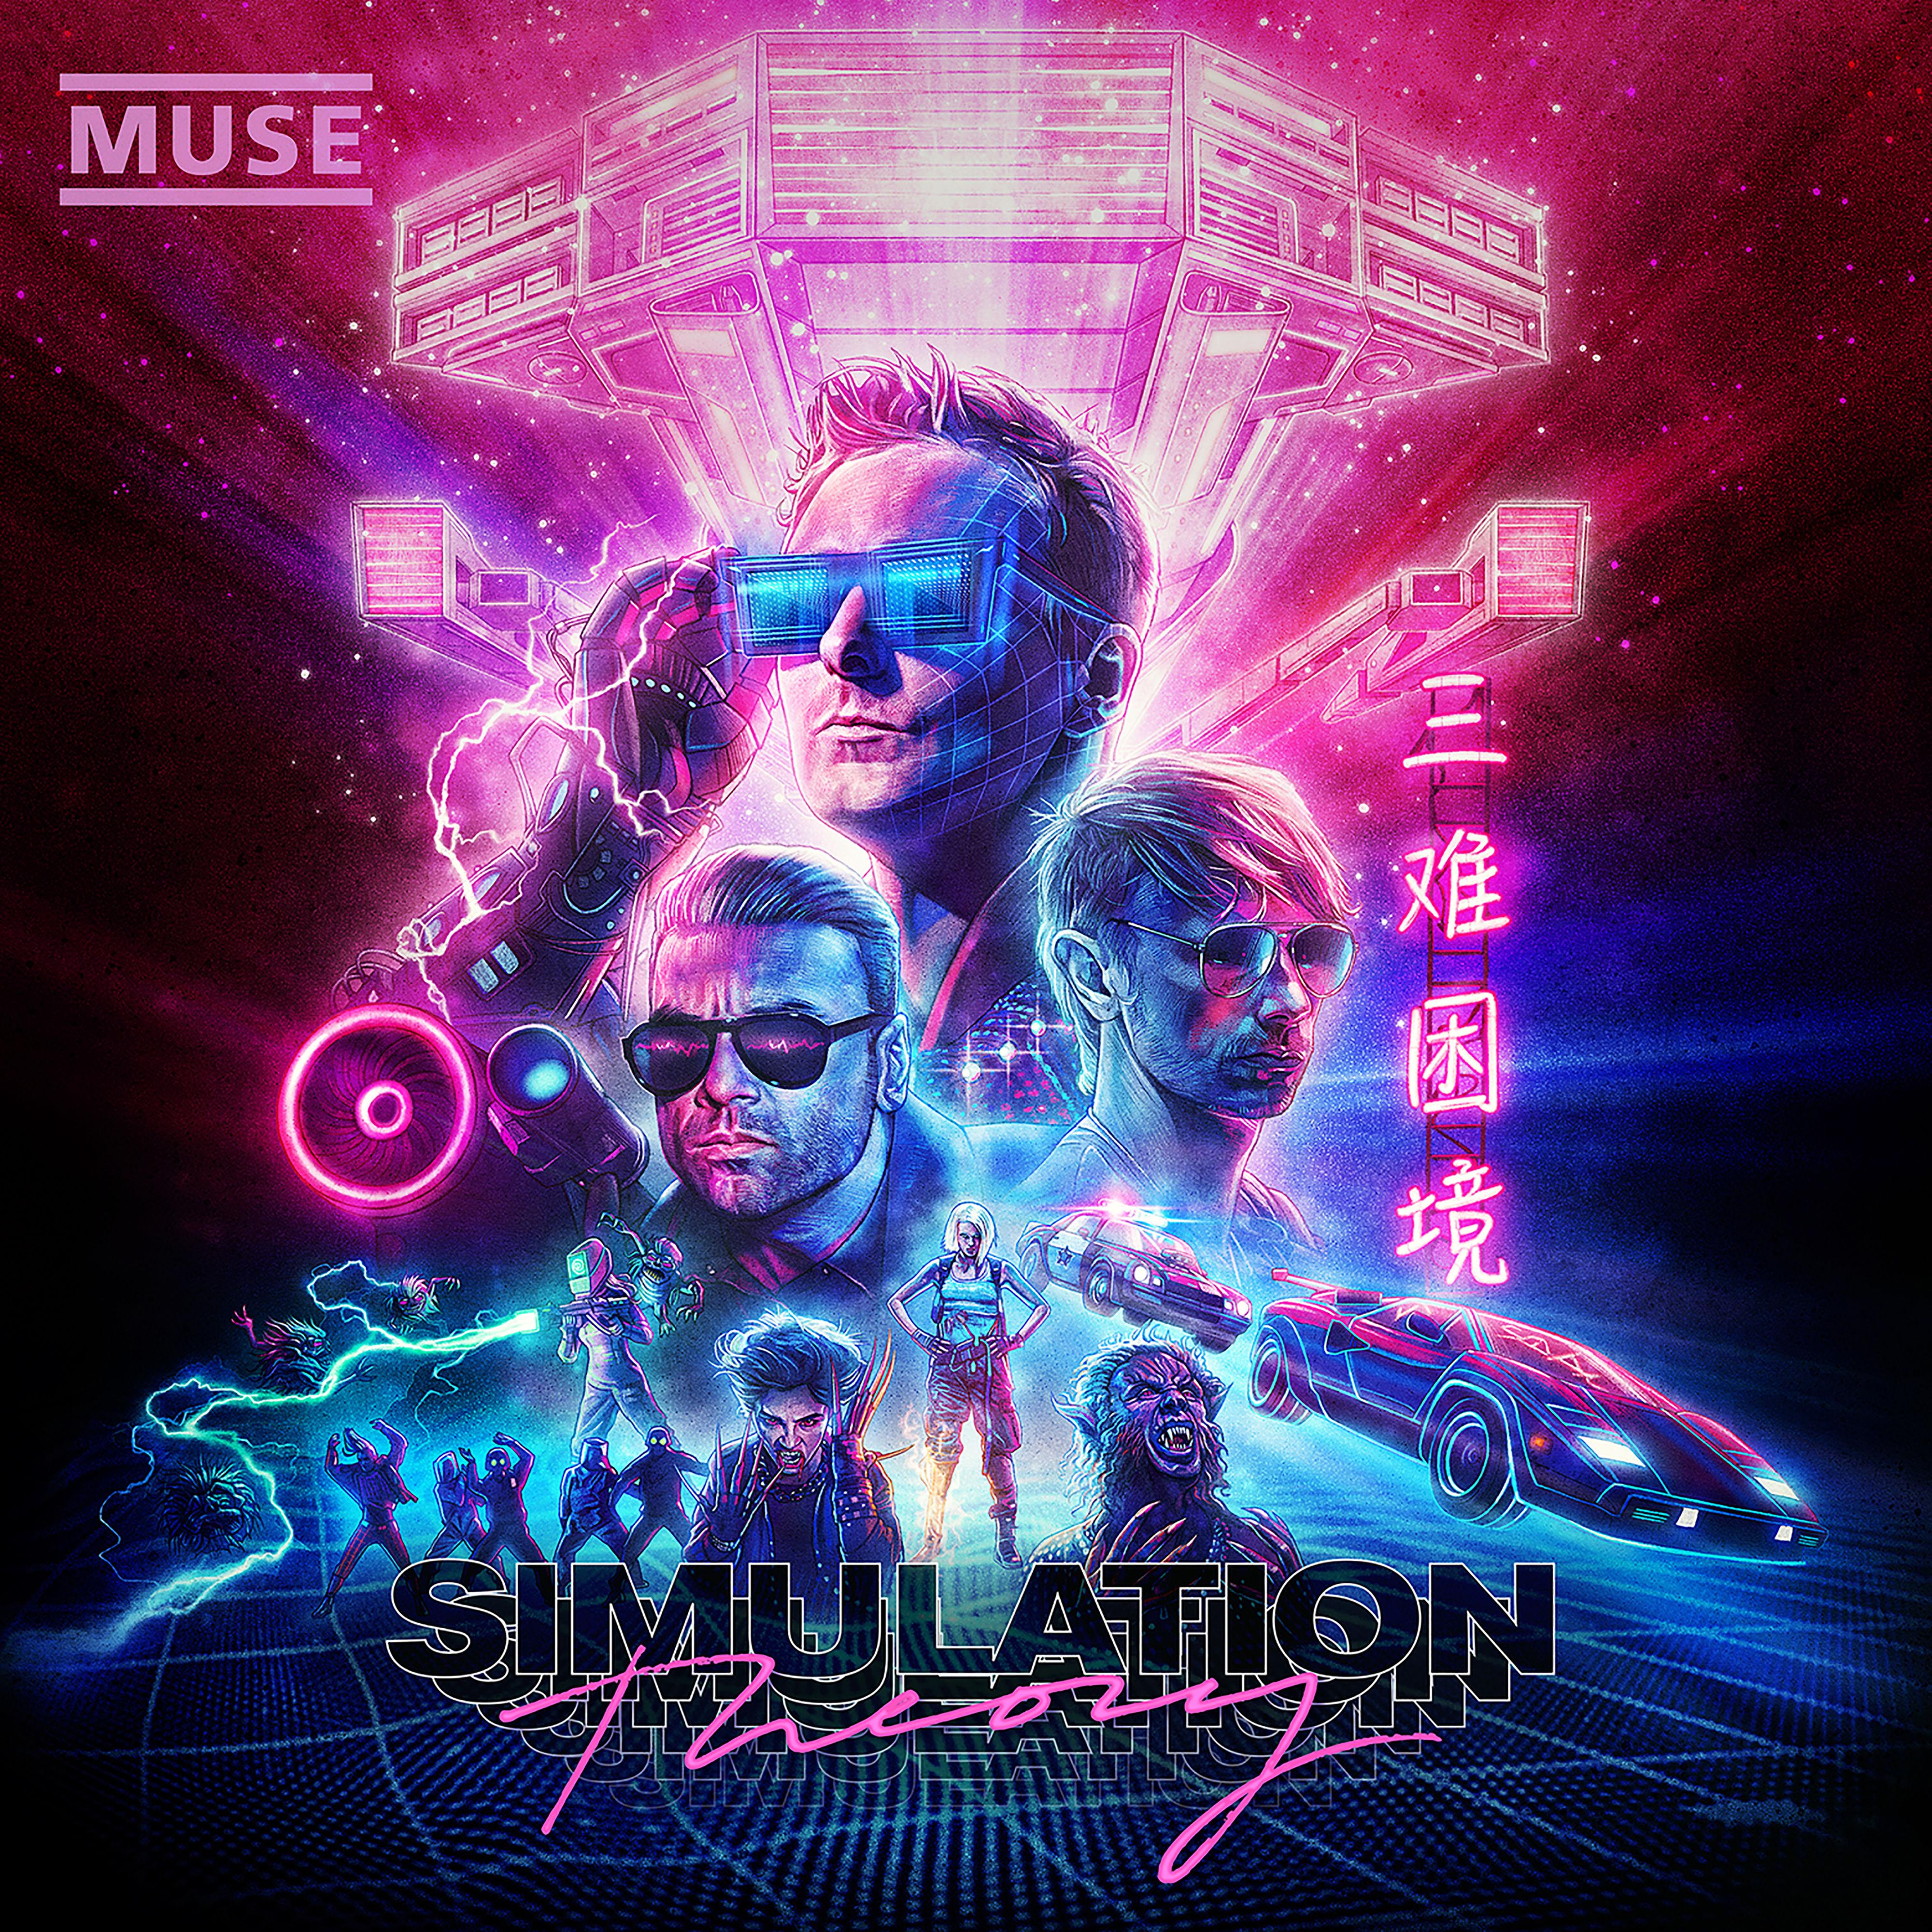 Simulation Theory: Борьба с Матрицей. Рецензия на восьмой студийный альбом группы Muse